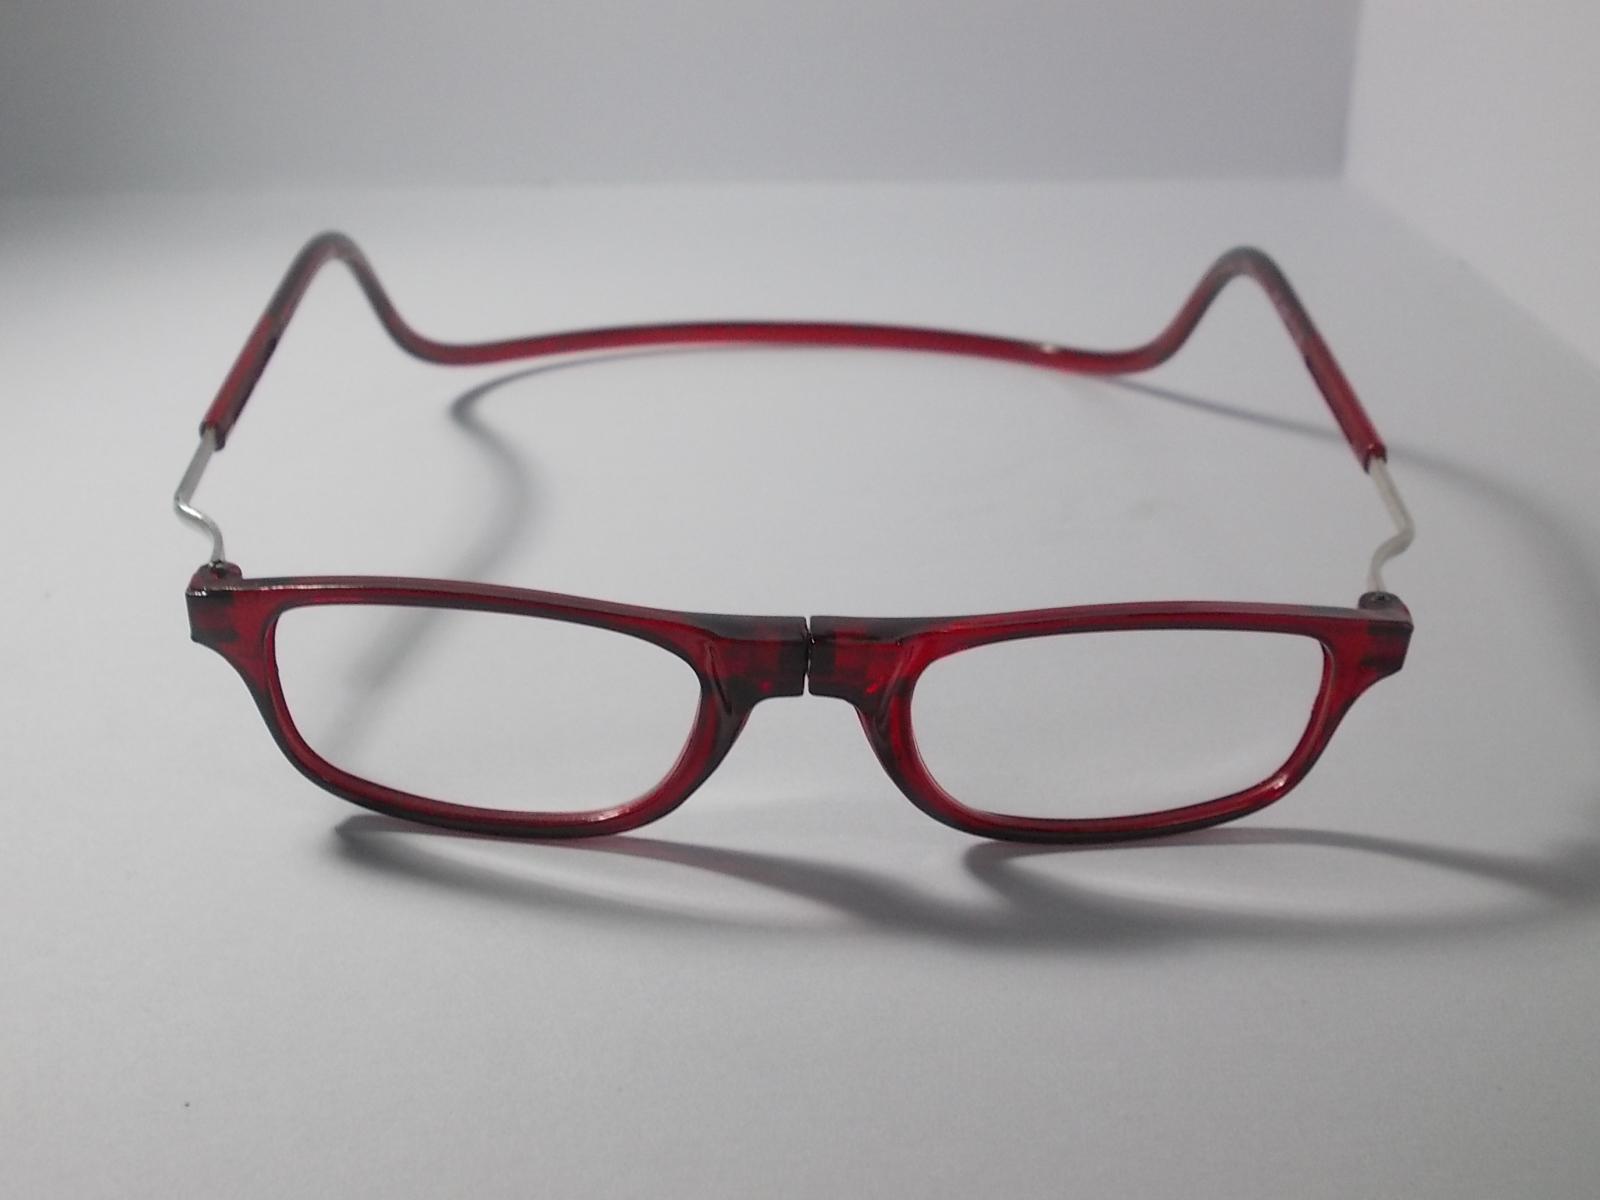 แว่นอ่านหนังสือ แว่นสายตายาว ราคาประหยัด 03